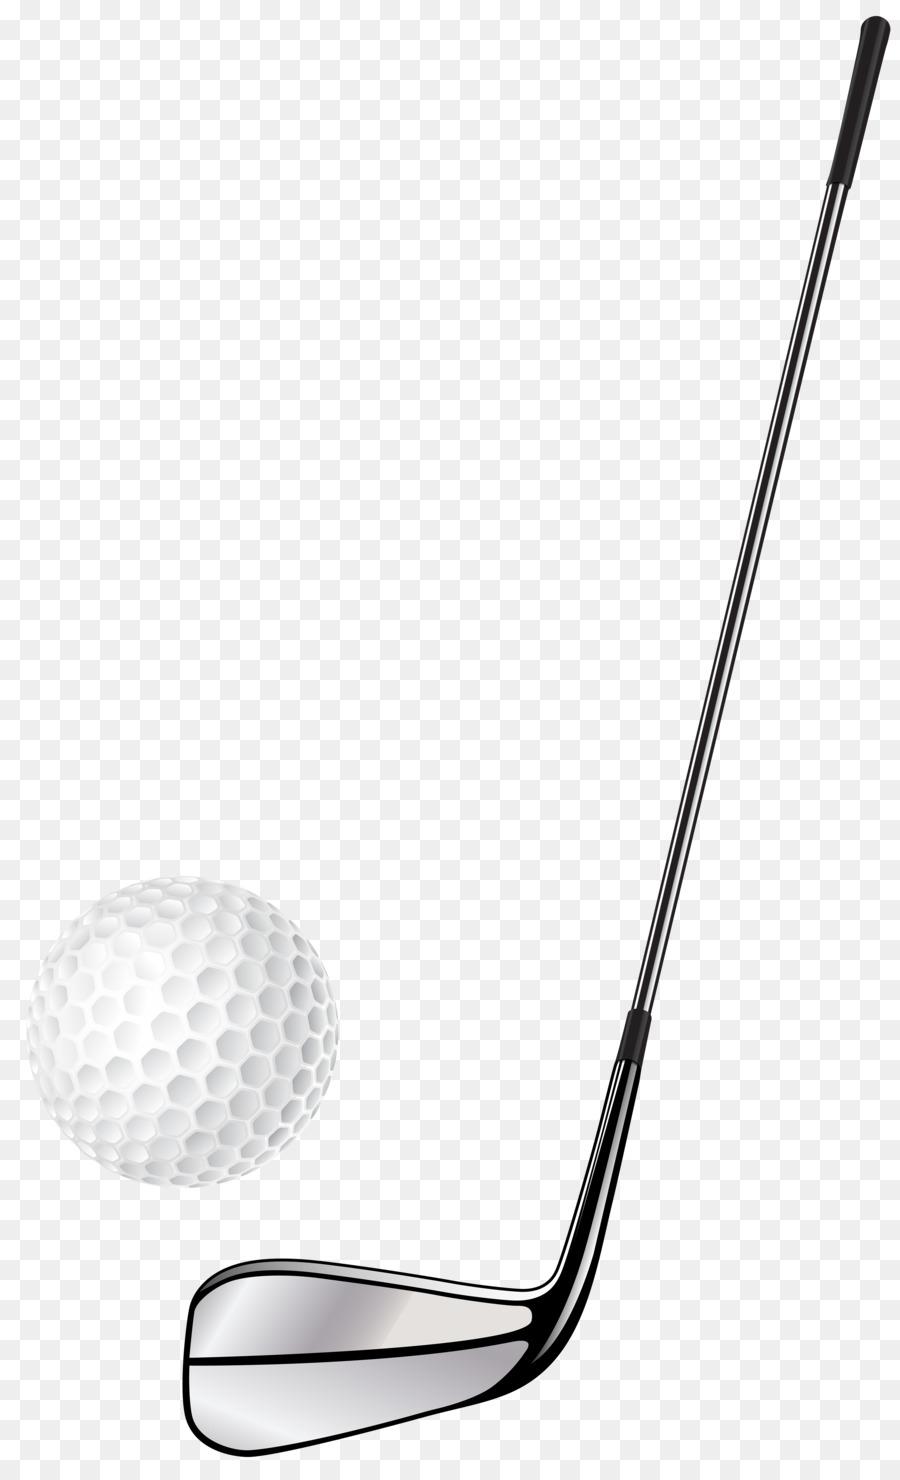 Background transparent clip art. Golf clipart golf iron